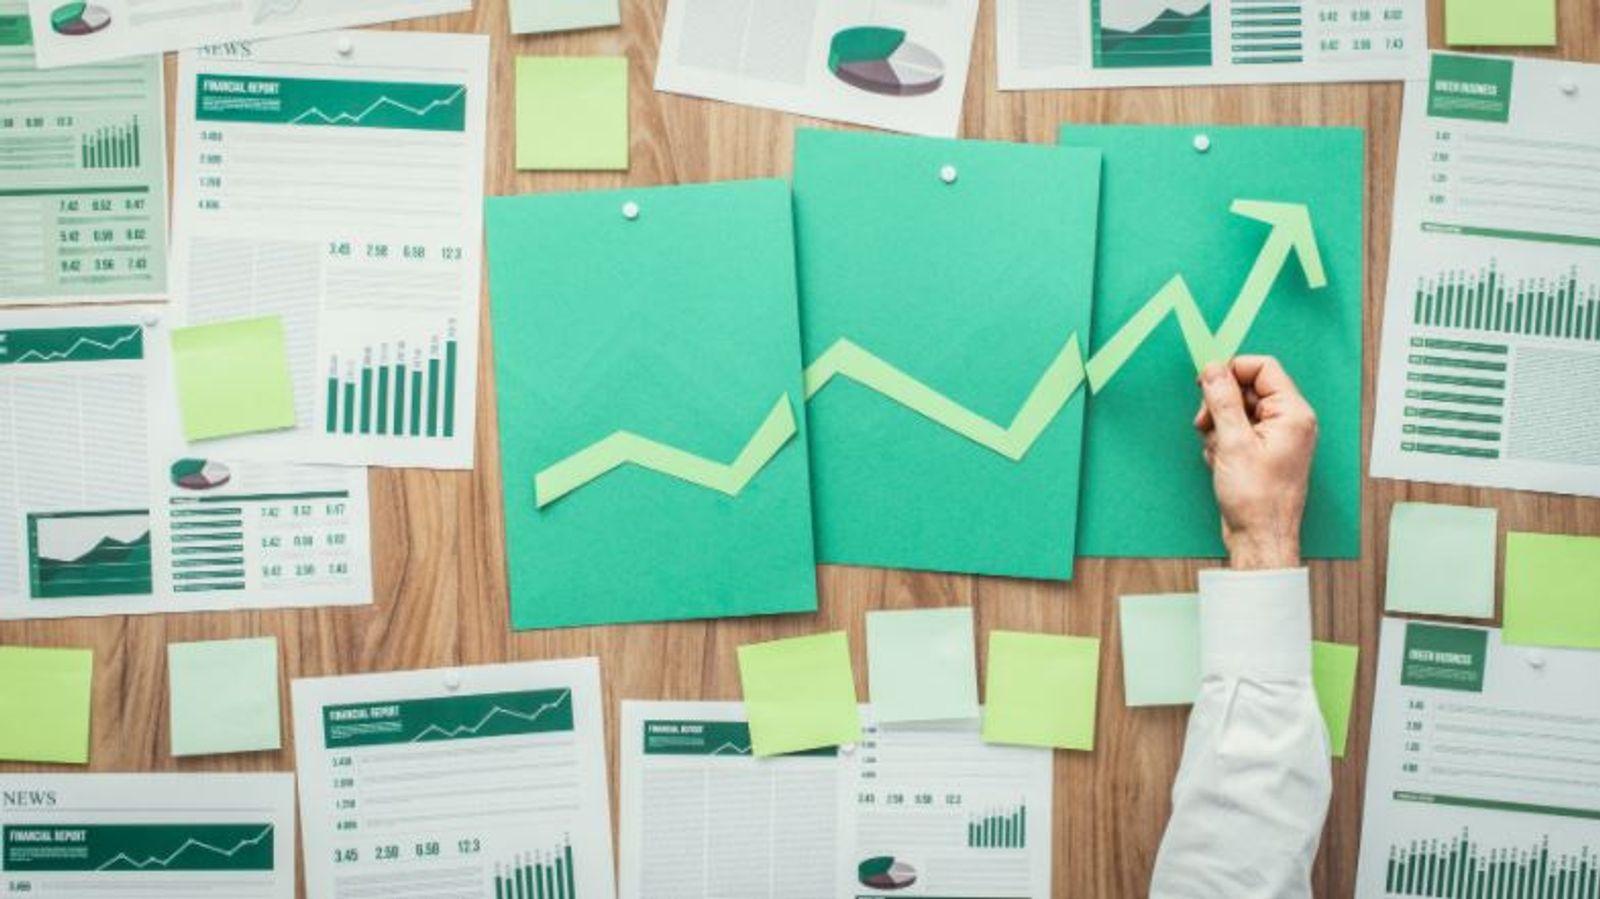 La Finance quantitative et les investissements durables   Journée complète (hors abonnement collectivité)